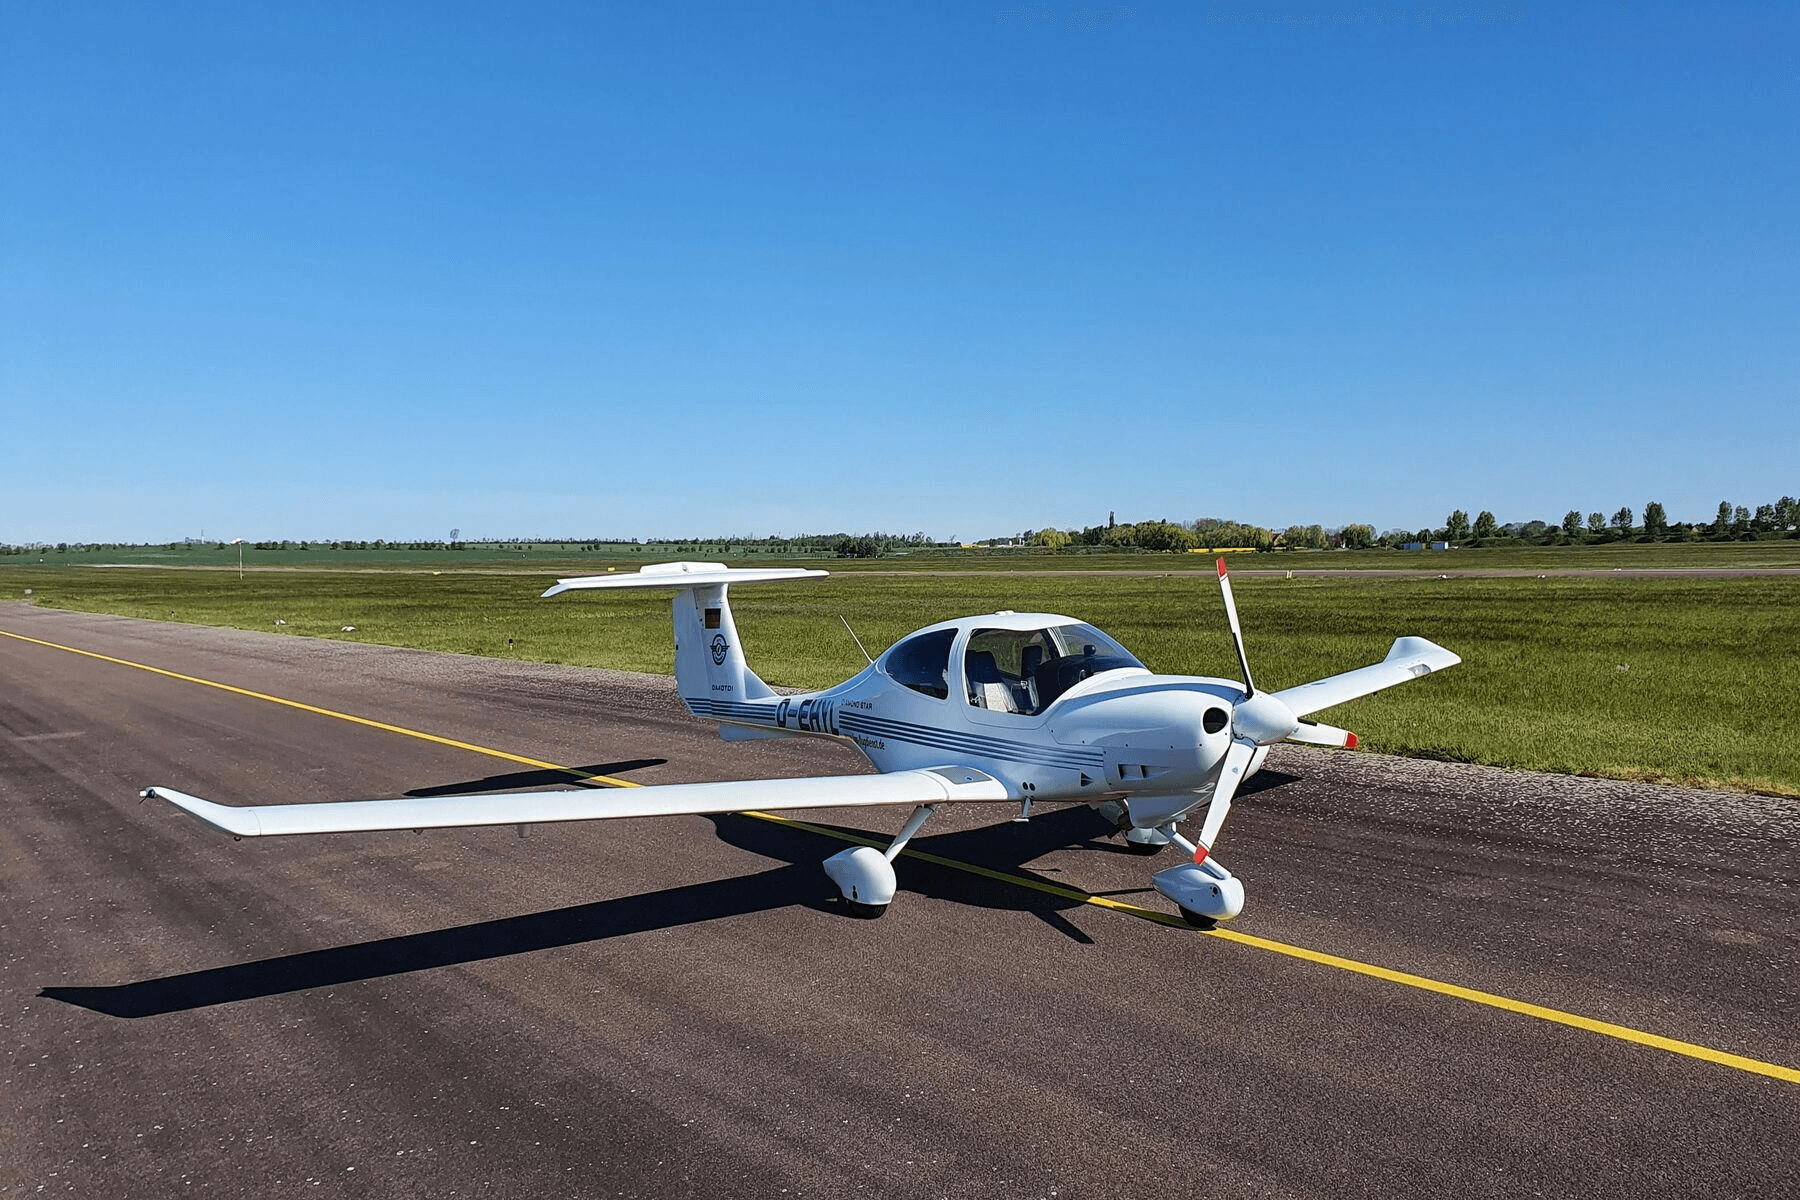 Der Flugzeugtyp DA40 Diamond Star steht auf dem Flugfeld